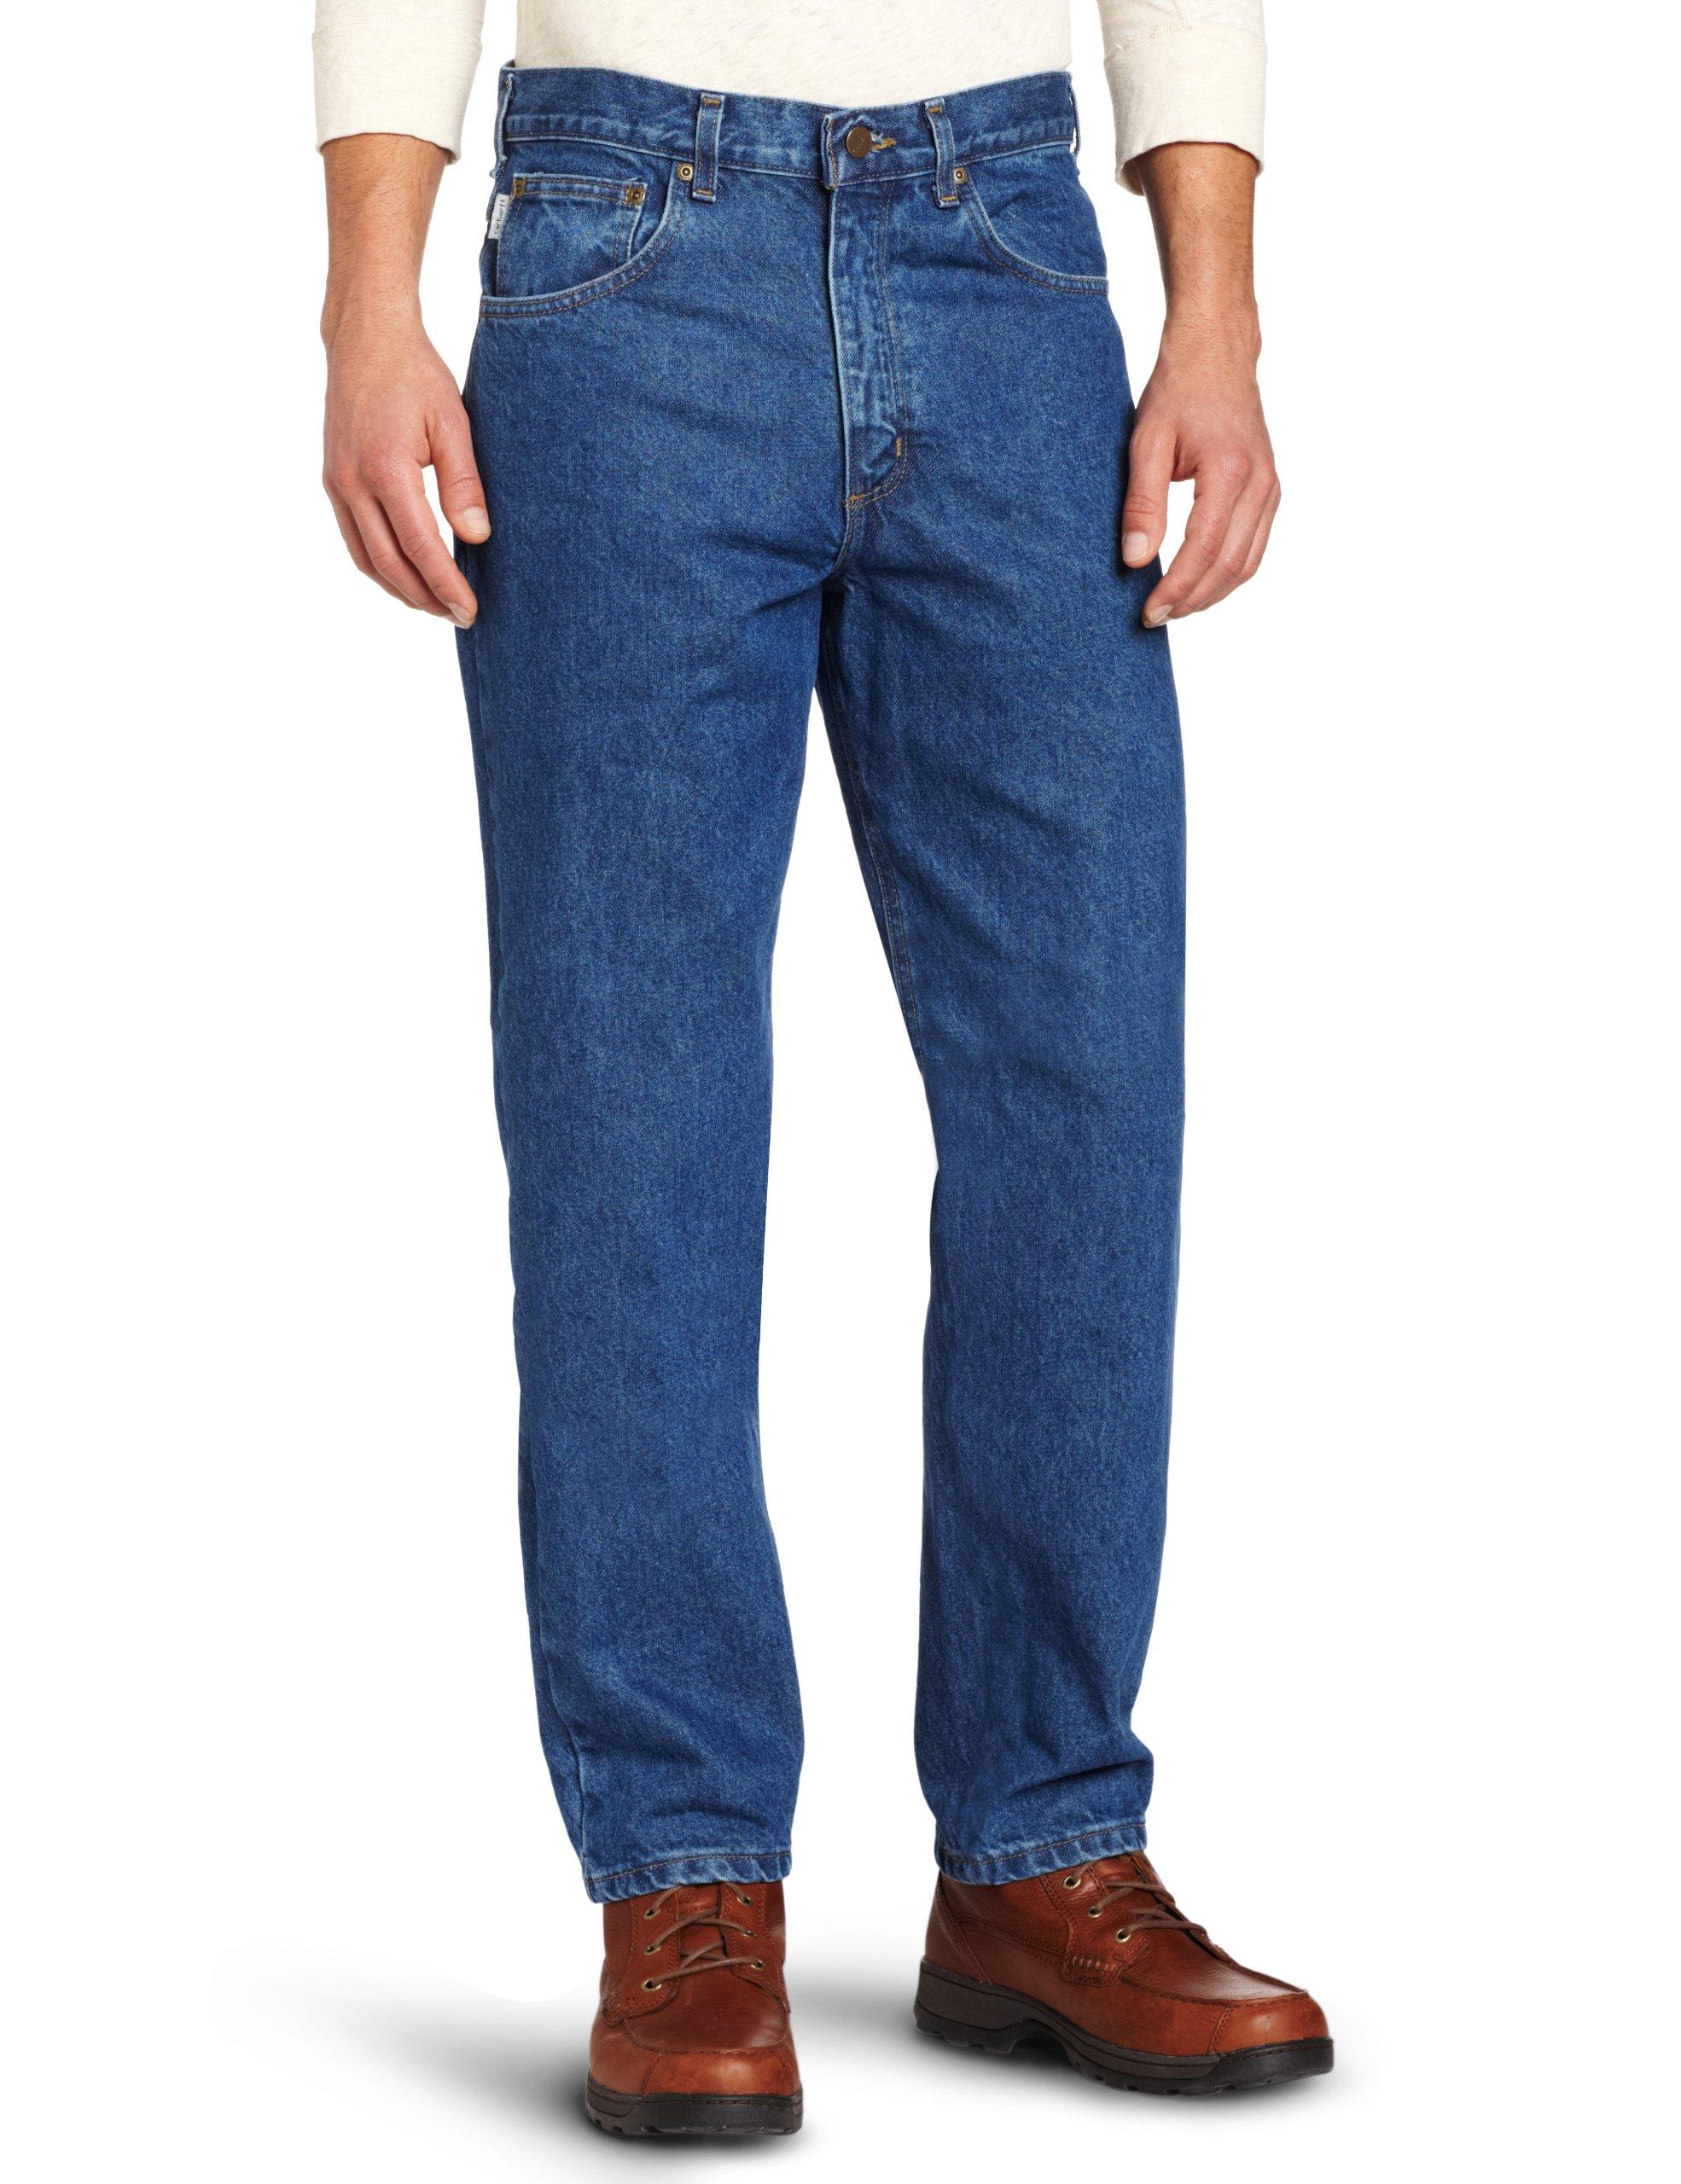 Carhartt Men's Tall Five Pocket Tapered Leg Jean, Dark Stone 48W x 32L